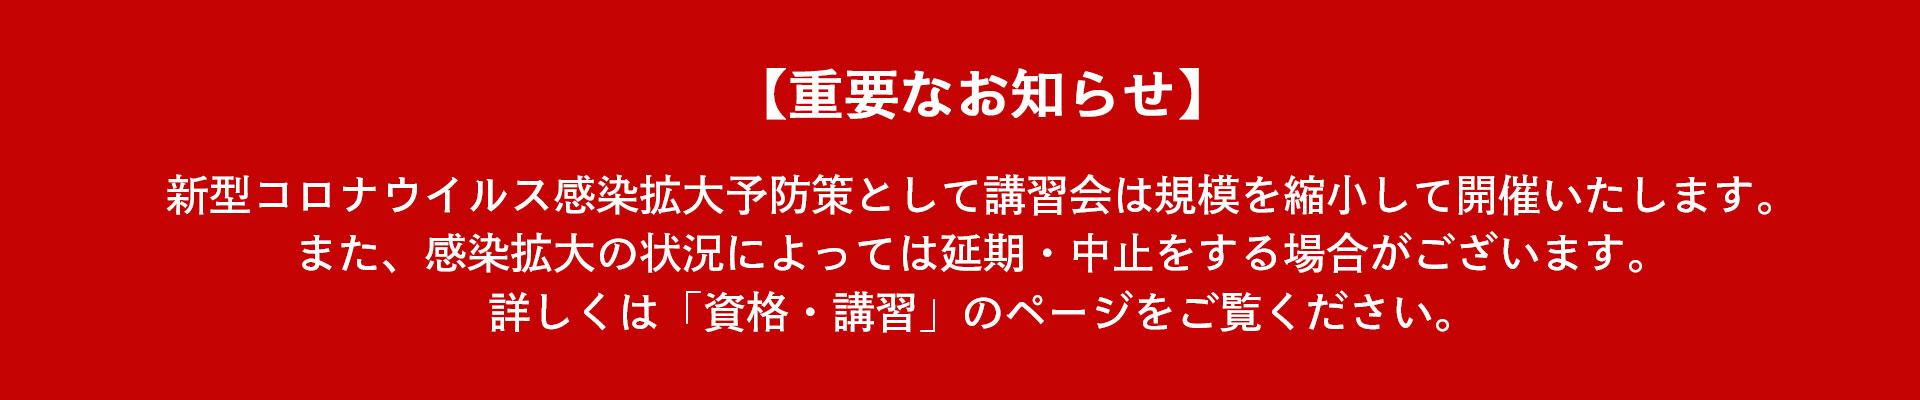 重要なお知らせ(2020年6月22日)